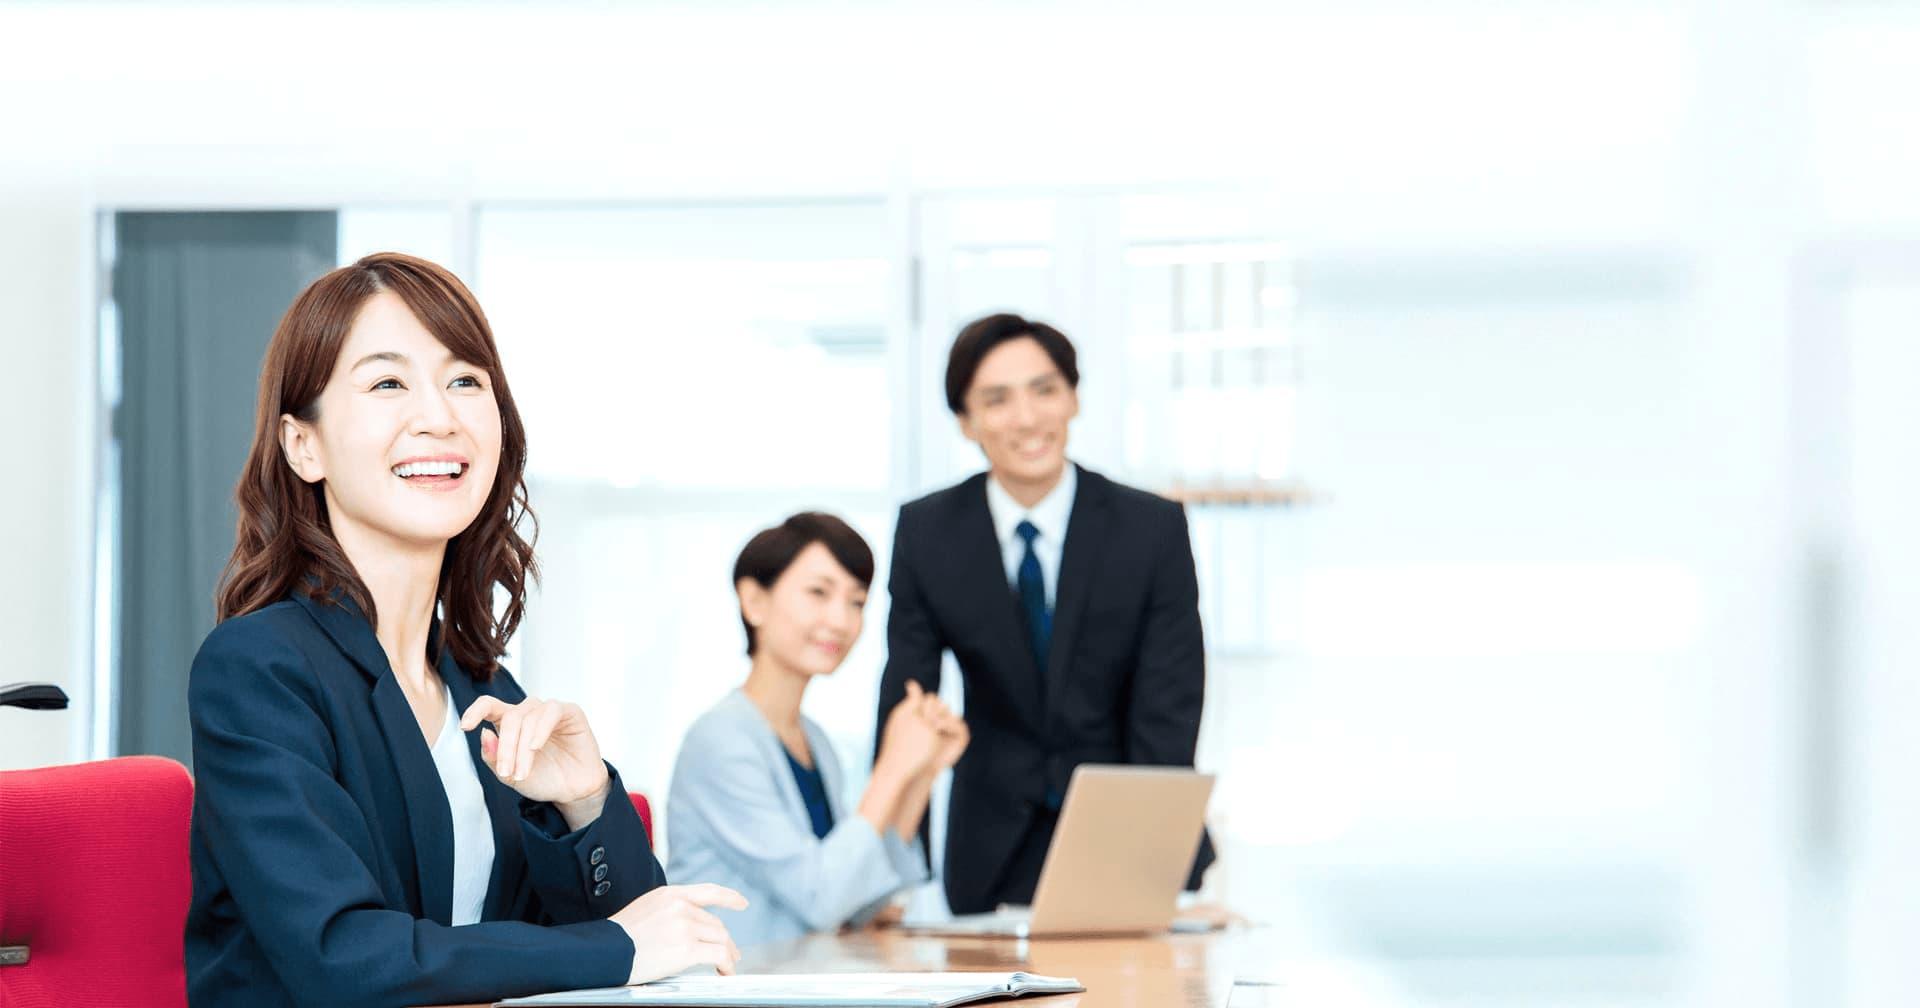 PHPビジネスコーチ養成講座【アドバンスコース】|公開セミナー・講座